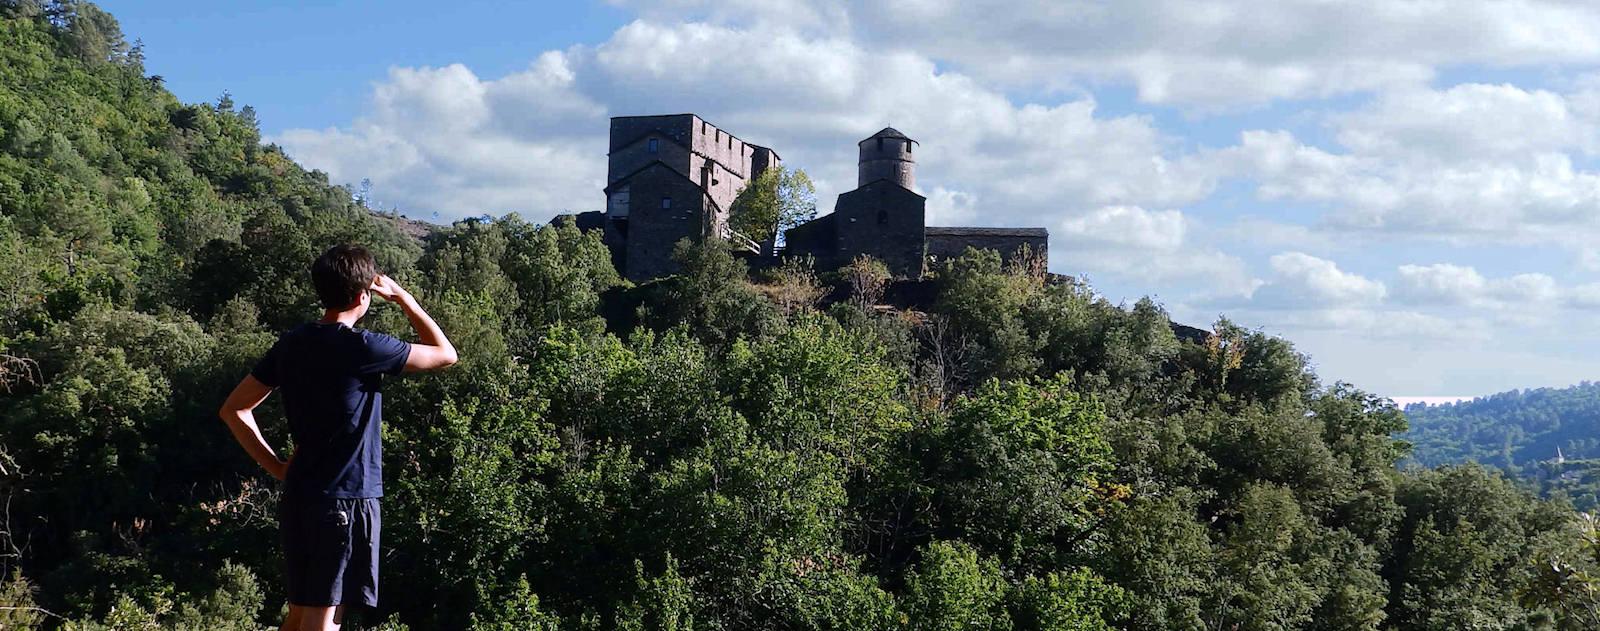 Chateau de St Pierre à St Germain de Calberte